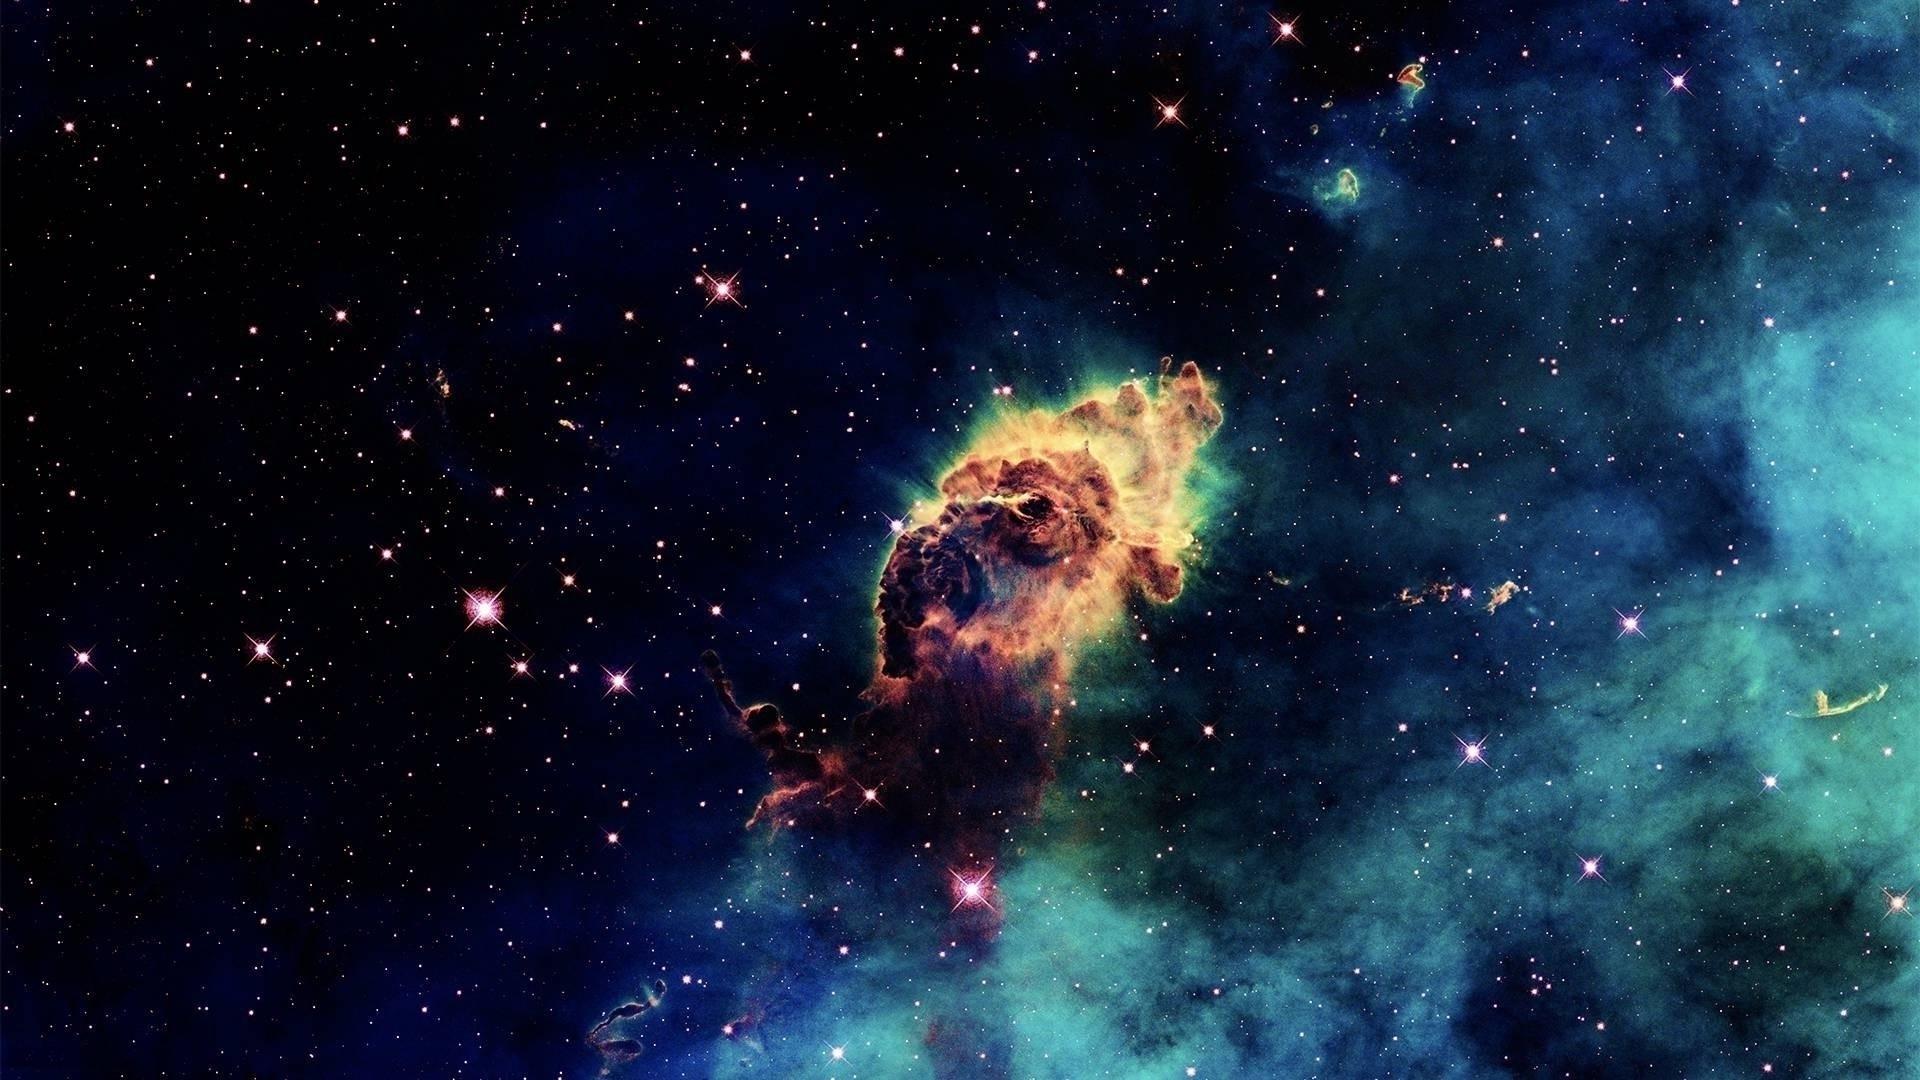 Universe Stars Hd   wallpaper 1920x1080